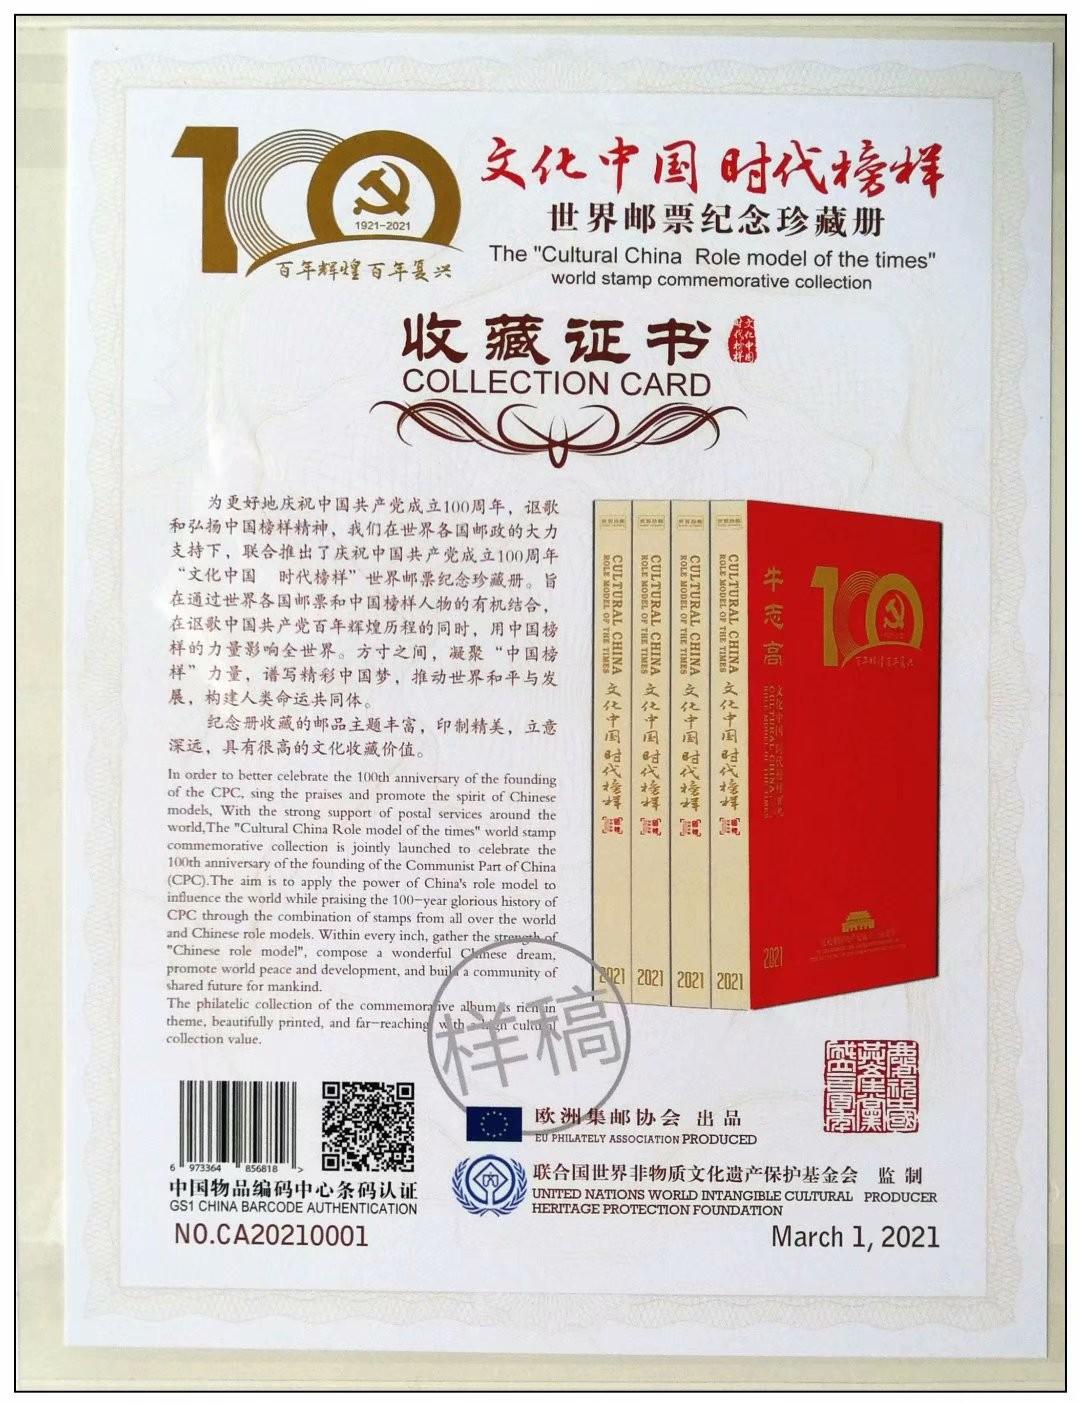 庆祝中国共产党成立100周年---牛志高书画集邮册面世2021.03.15_图1-9